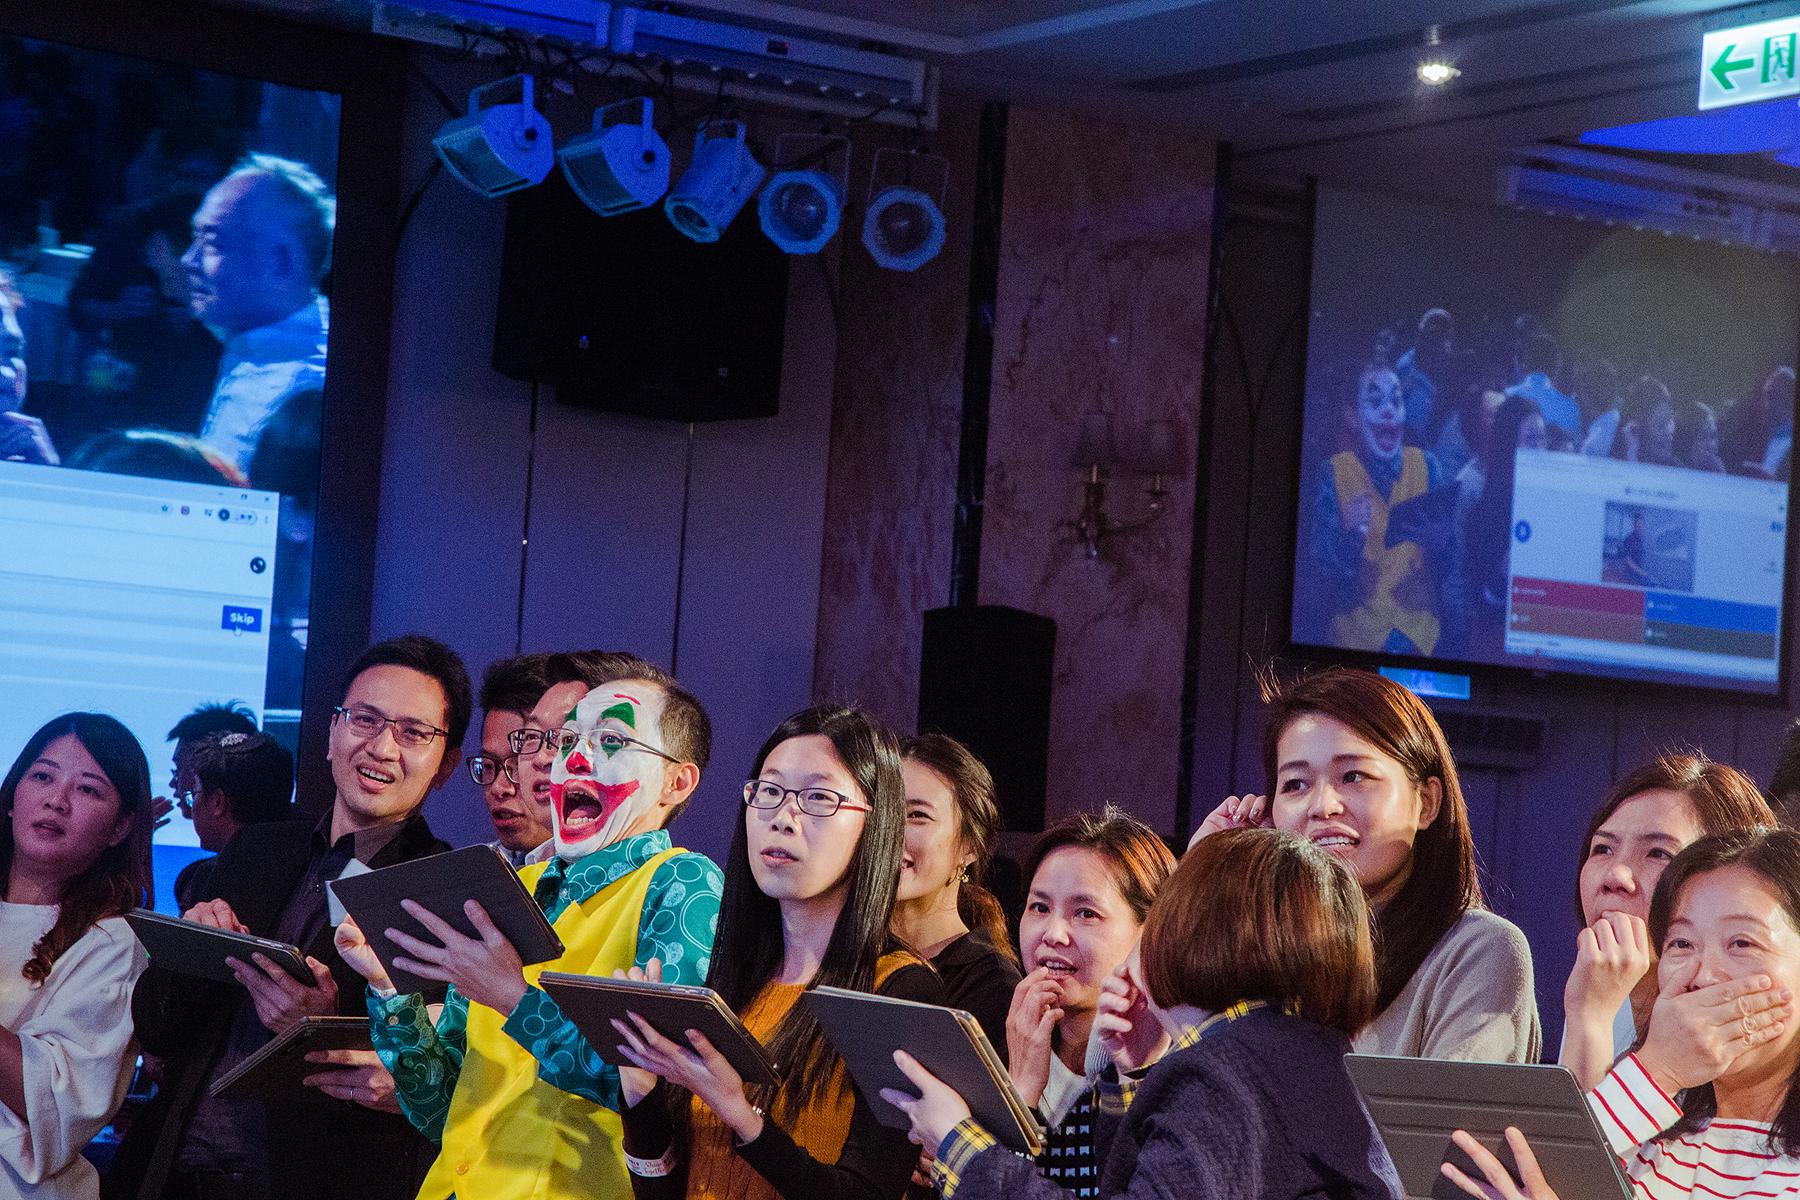 尾牙攝影,瞬間,小丑,台北,活動攝影,自然,京采飯店,